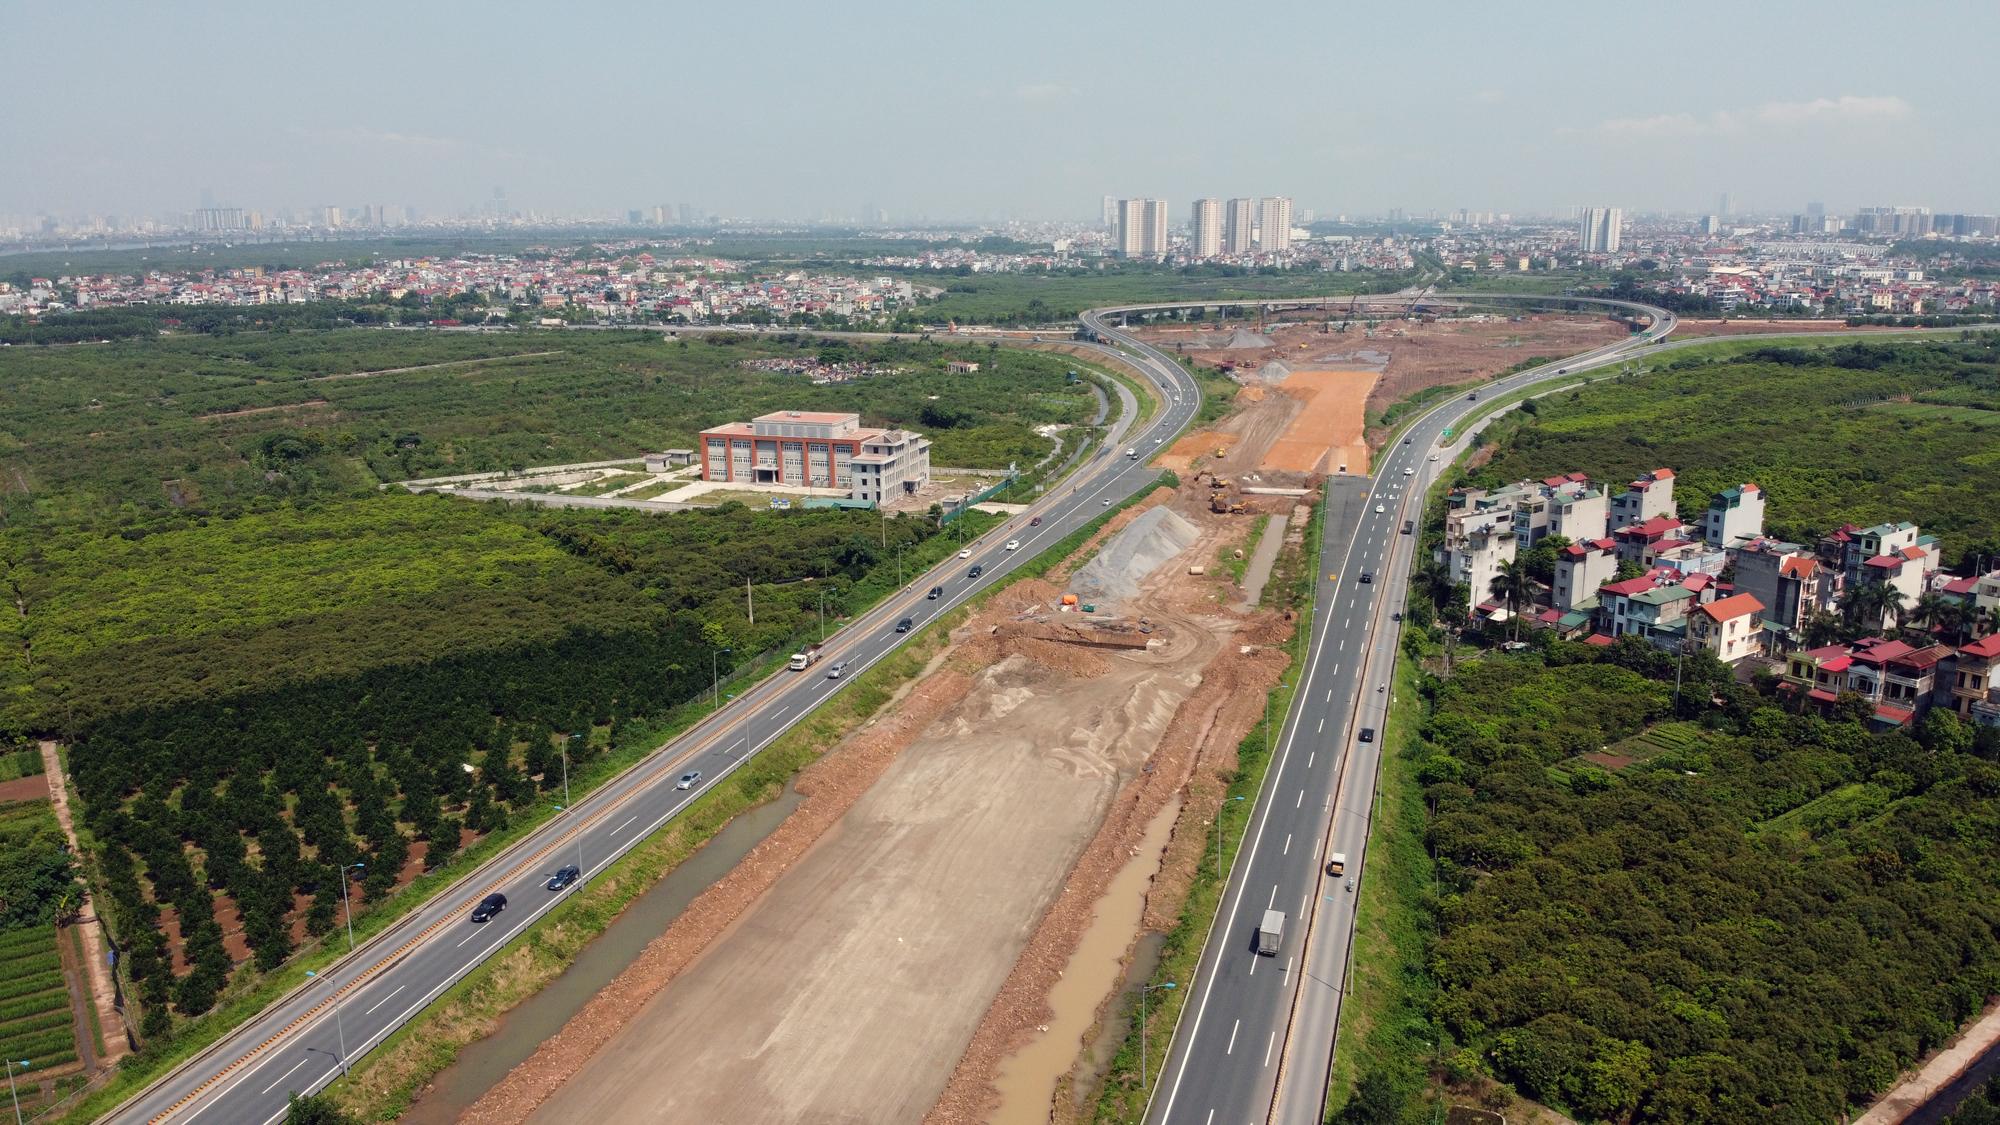 Toàn cảnh dự án xây dựng nút giao Vành đai 3 với cao tốc Hà Nội - Hải Phòng - Ảnh 6.